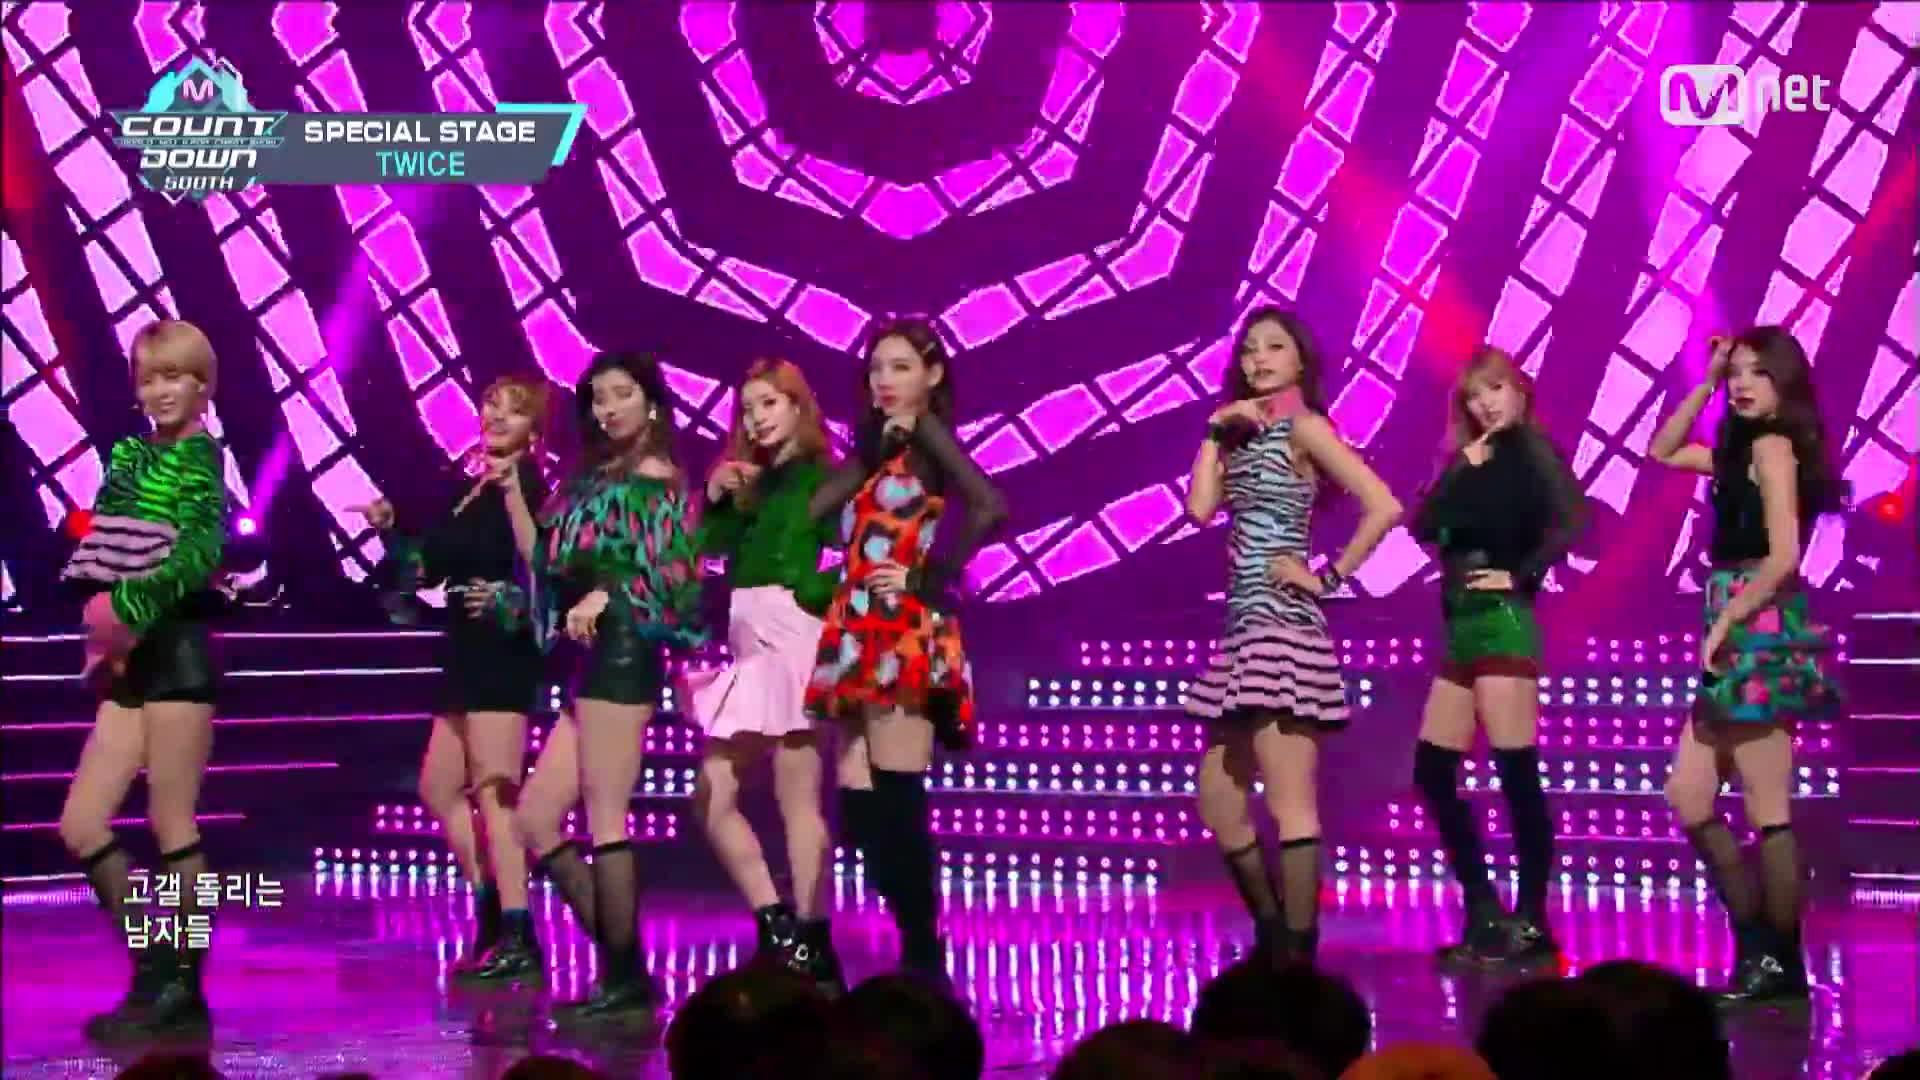 Nhóm nhạc TWICE chơi lớn khi cả 9 thành viên cùng mặc đồ HM x Kenzo lên sân khấu ảnh 0